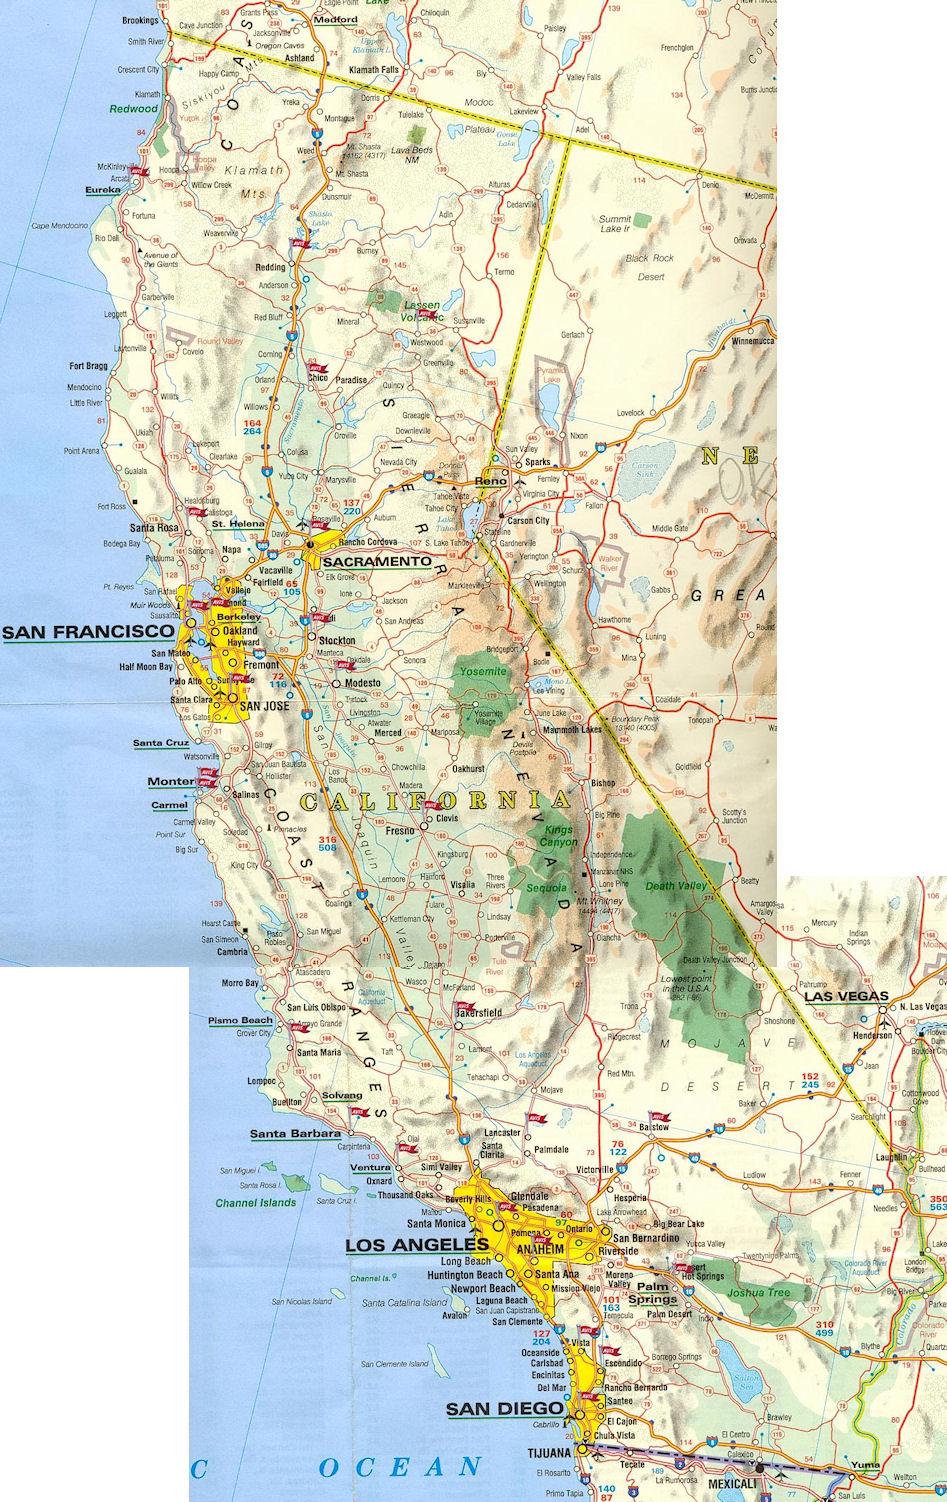 Carte routière Californie   Guide de voyage Usa Ouest américain